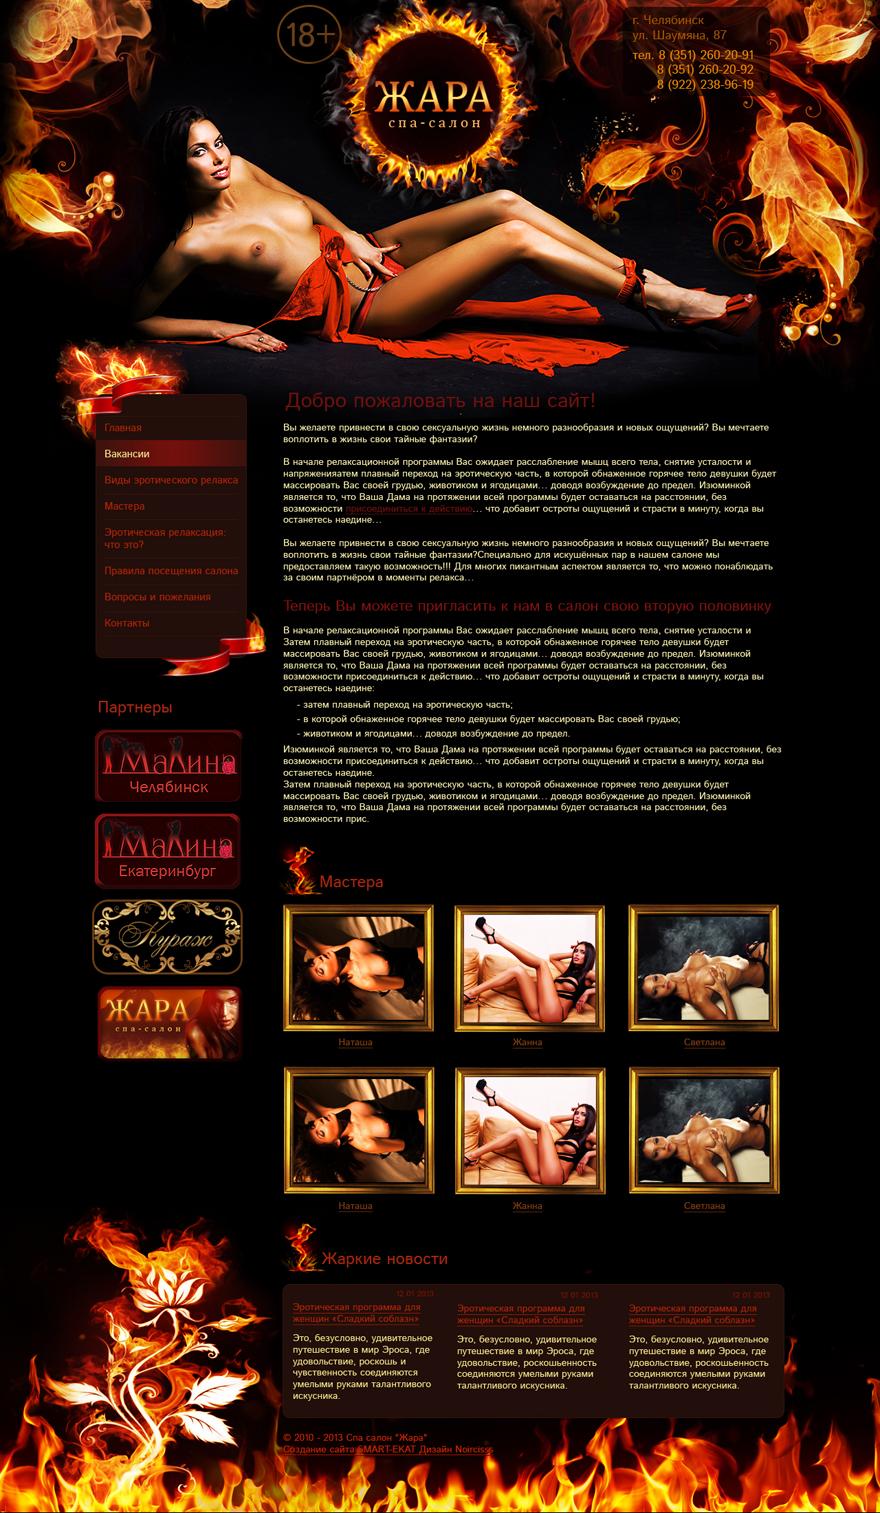 Эротический сайт контакт 12 фотография